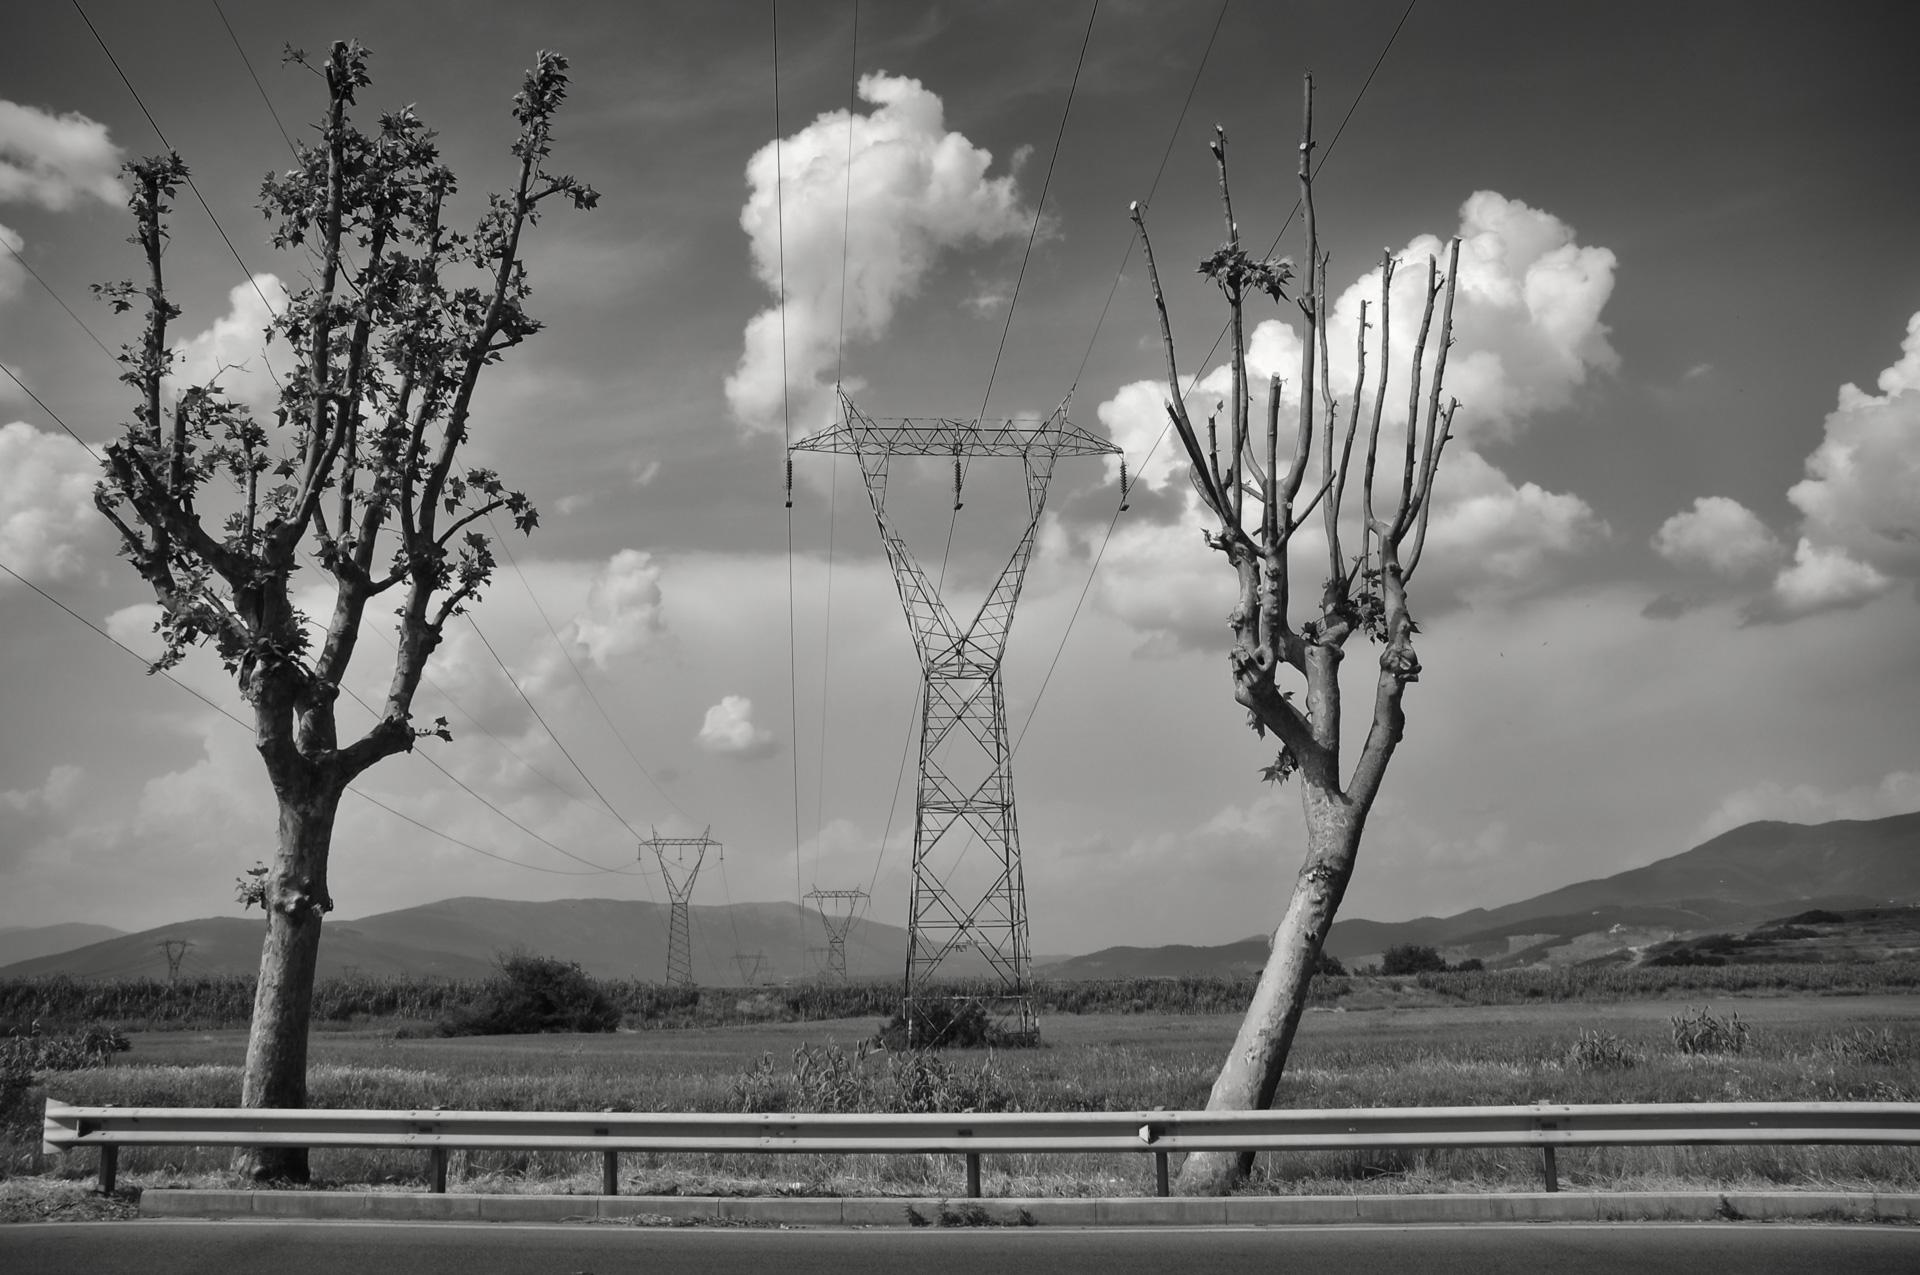 Campi Bisenzio, 2010